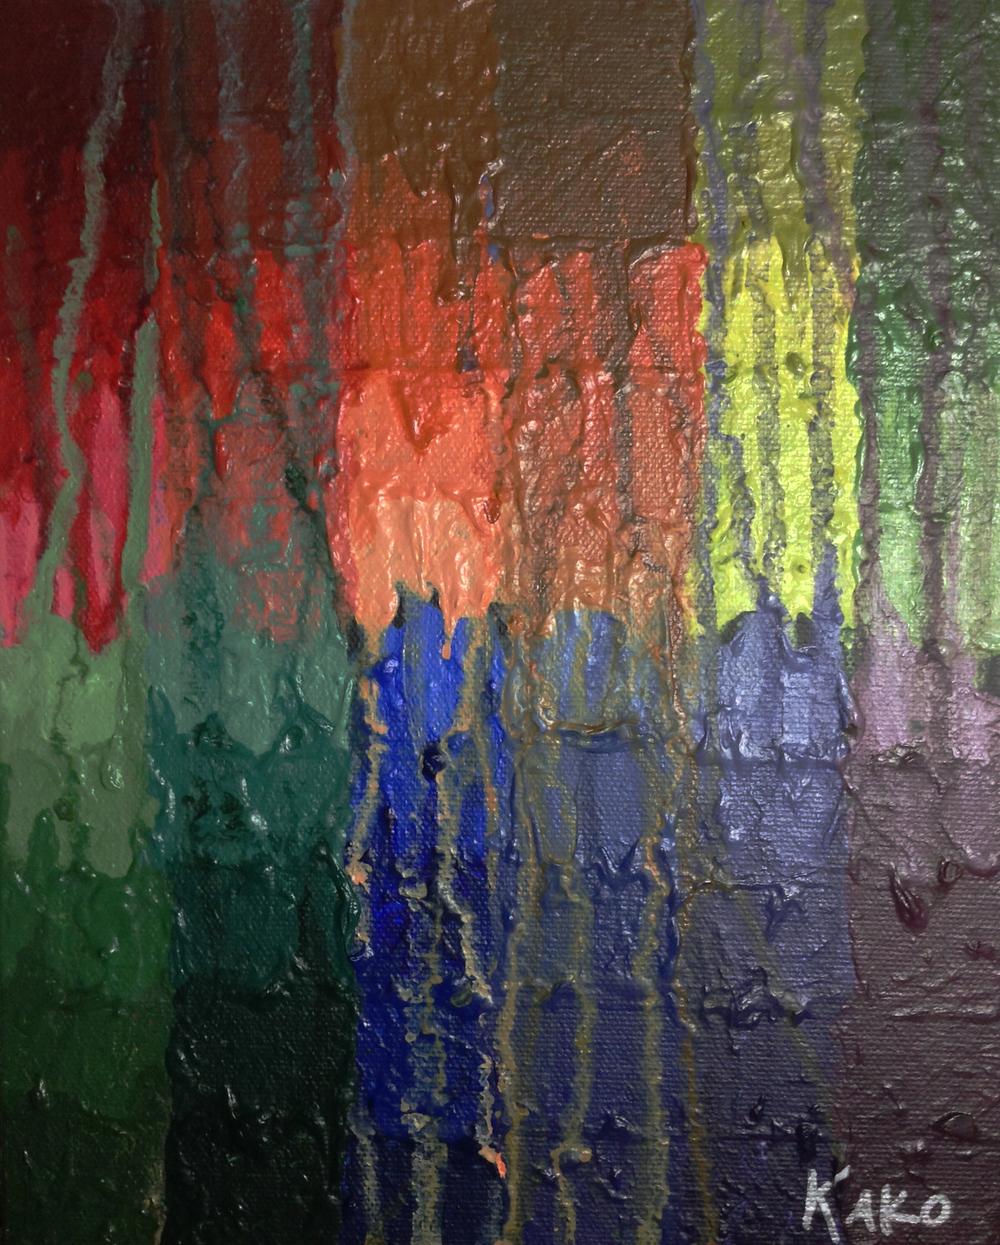 Melting Color Wheel, 2013